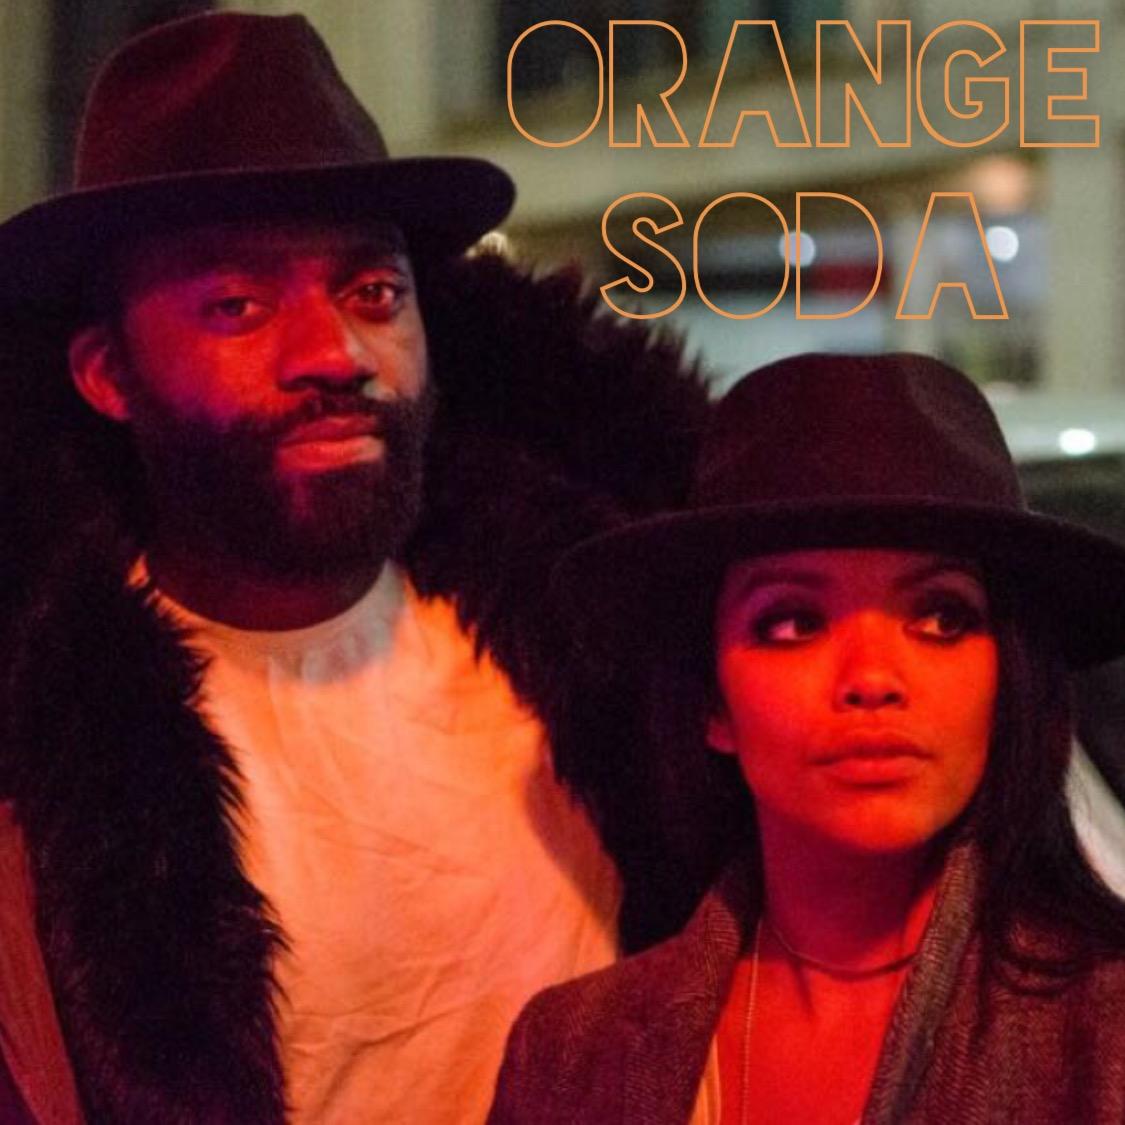 JJ and Coco of Orange Soda